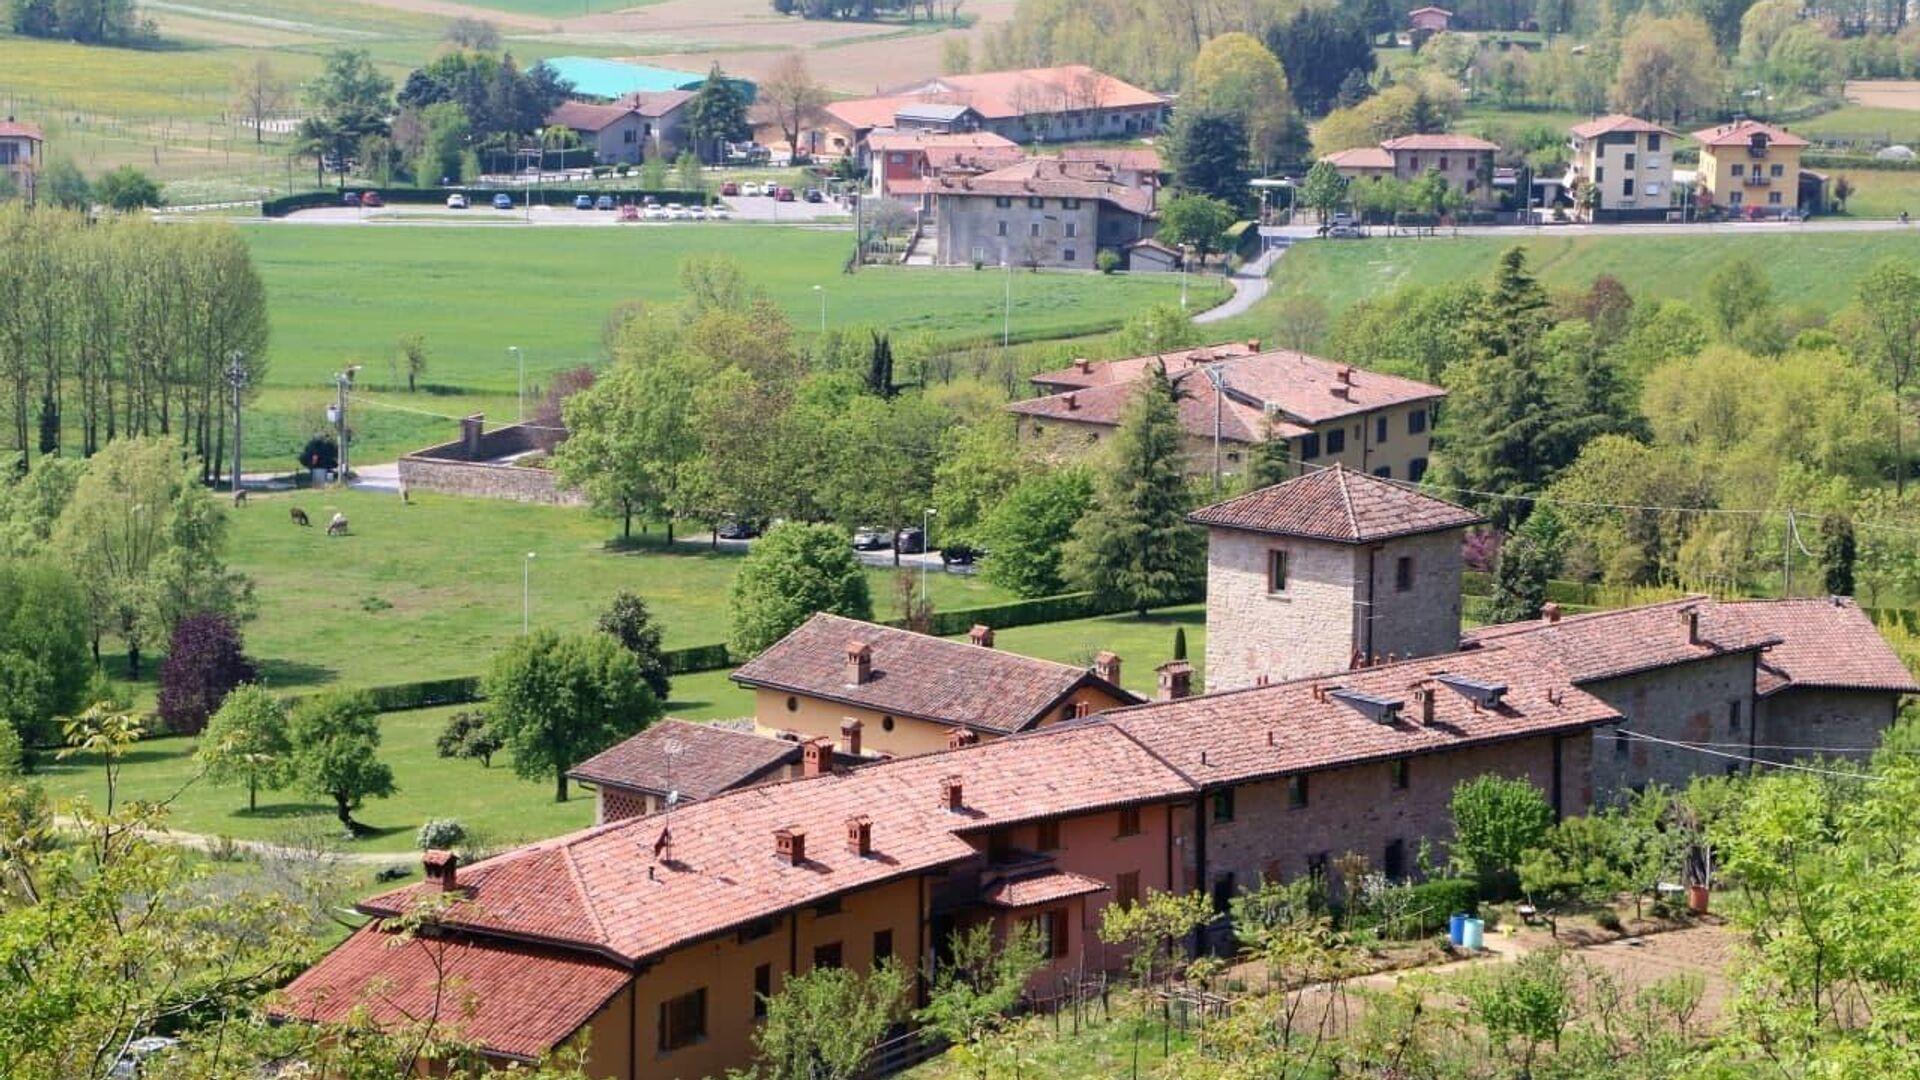 Il villaggio italiano - Sputnik Italia, 1920, 31.05.2021